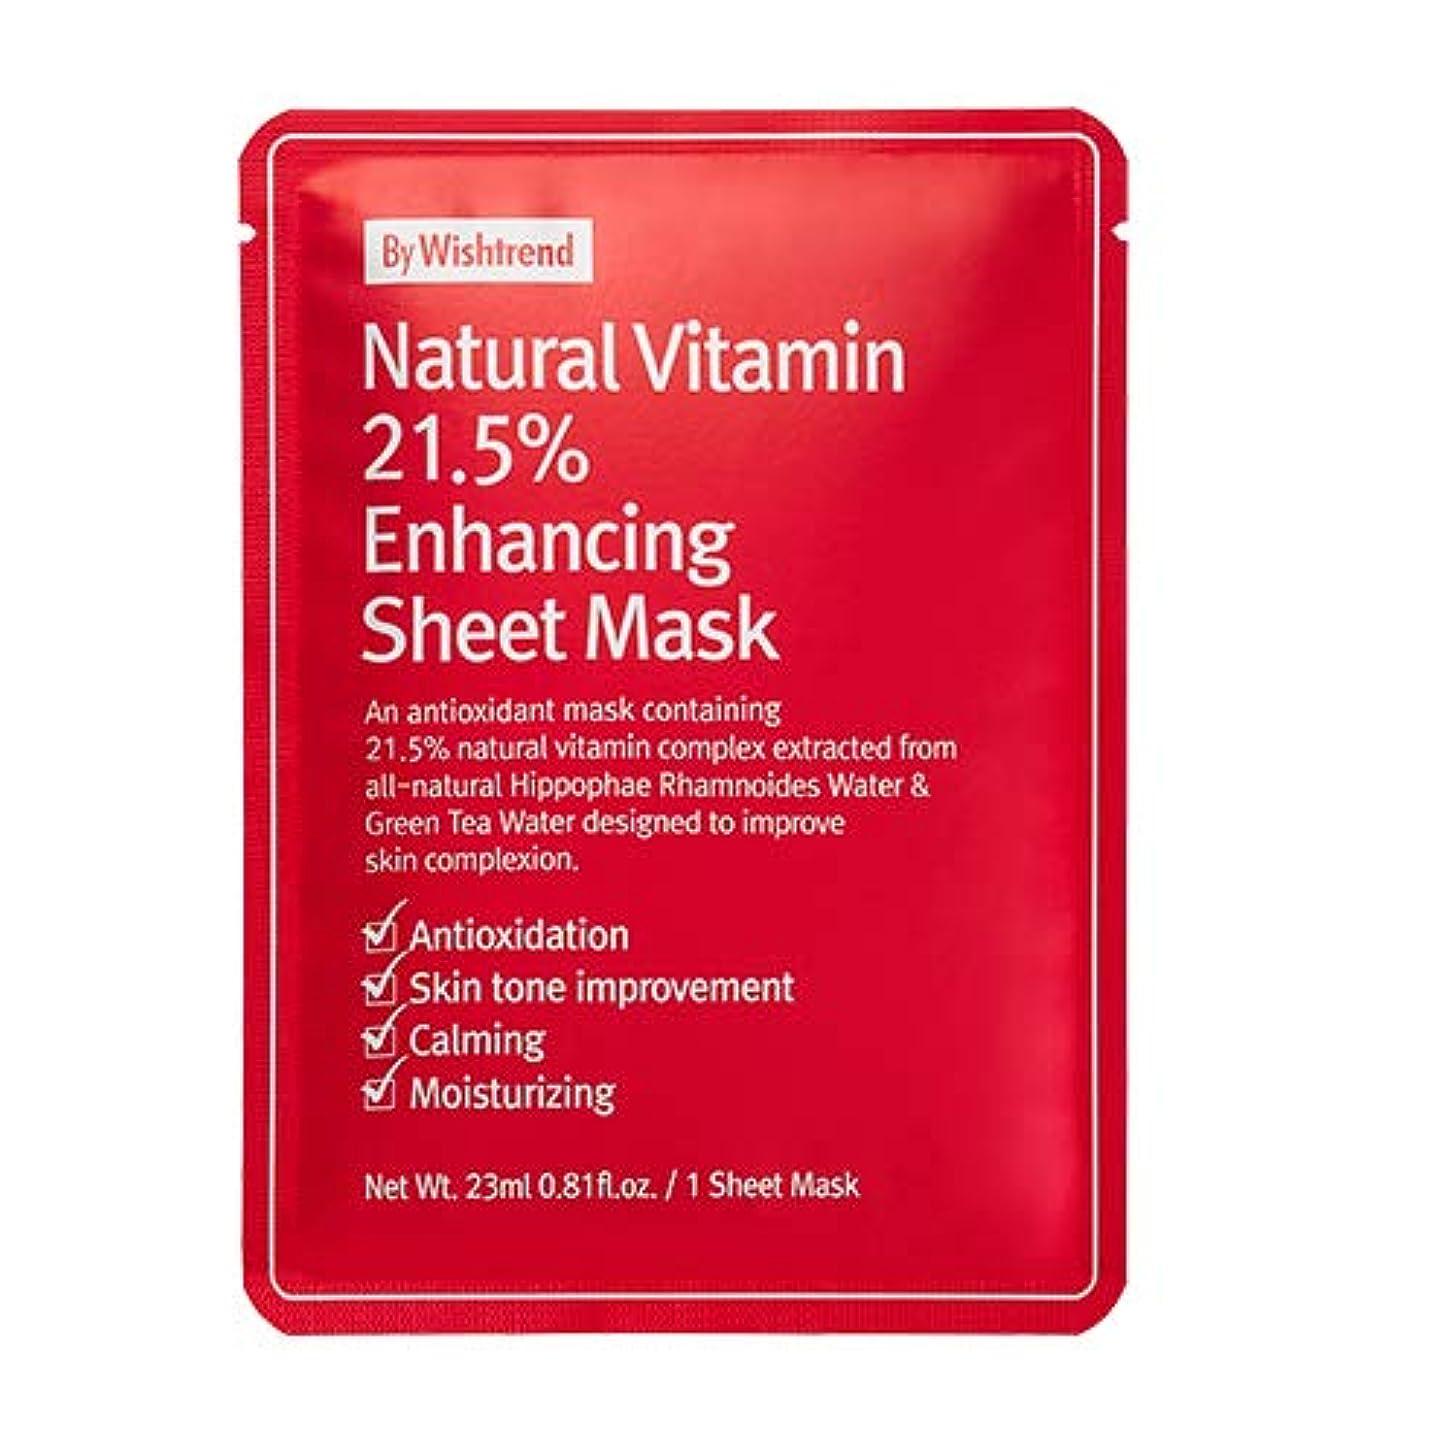 しない害虫潜在的な[BY WISHTREND] ナチュラルビタミン21.5エンハンシング シートマスク 10シート, Natural Vitamin 21.5 Enhancing Mask 10 sheets [並行輸入品]